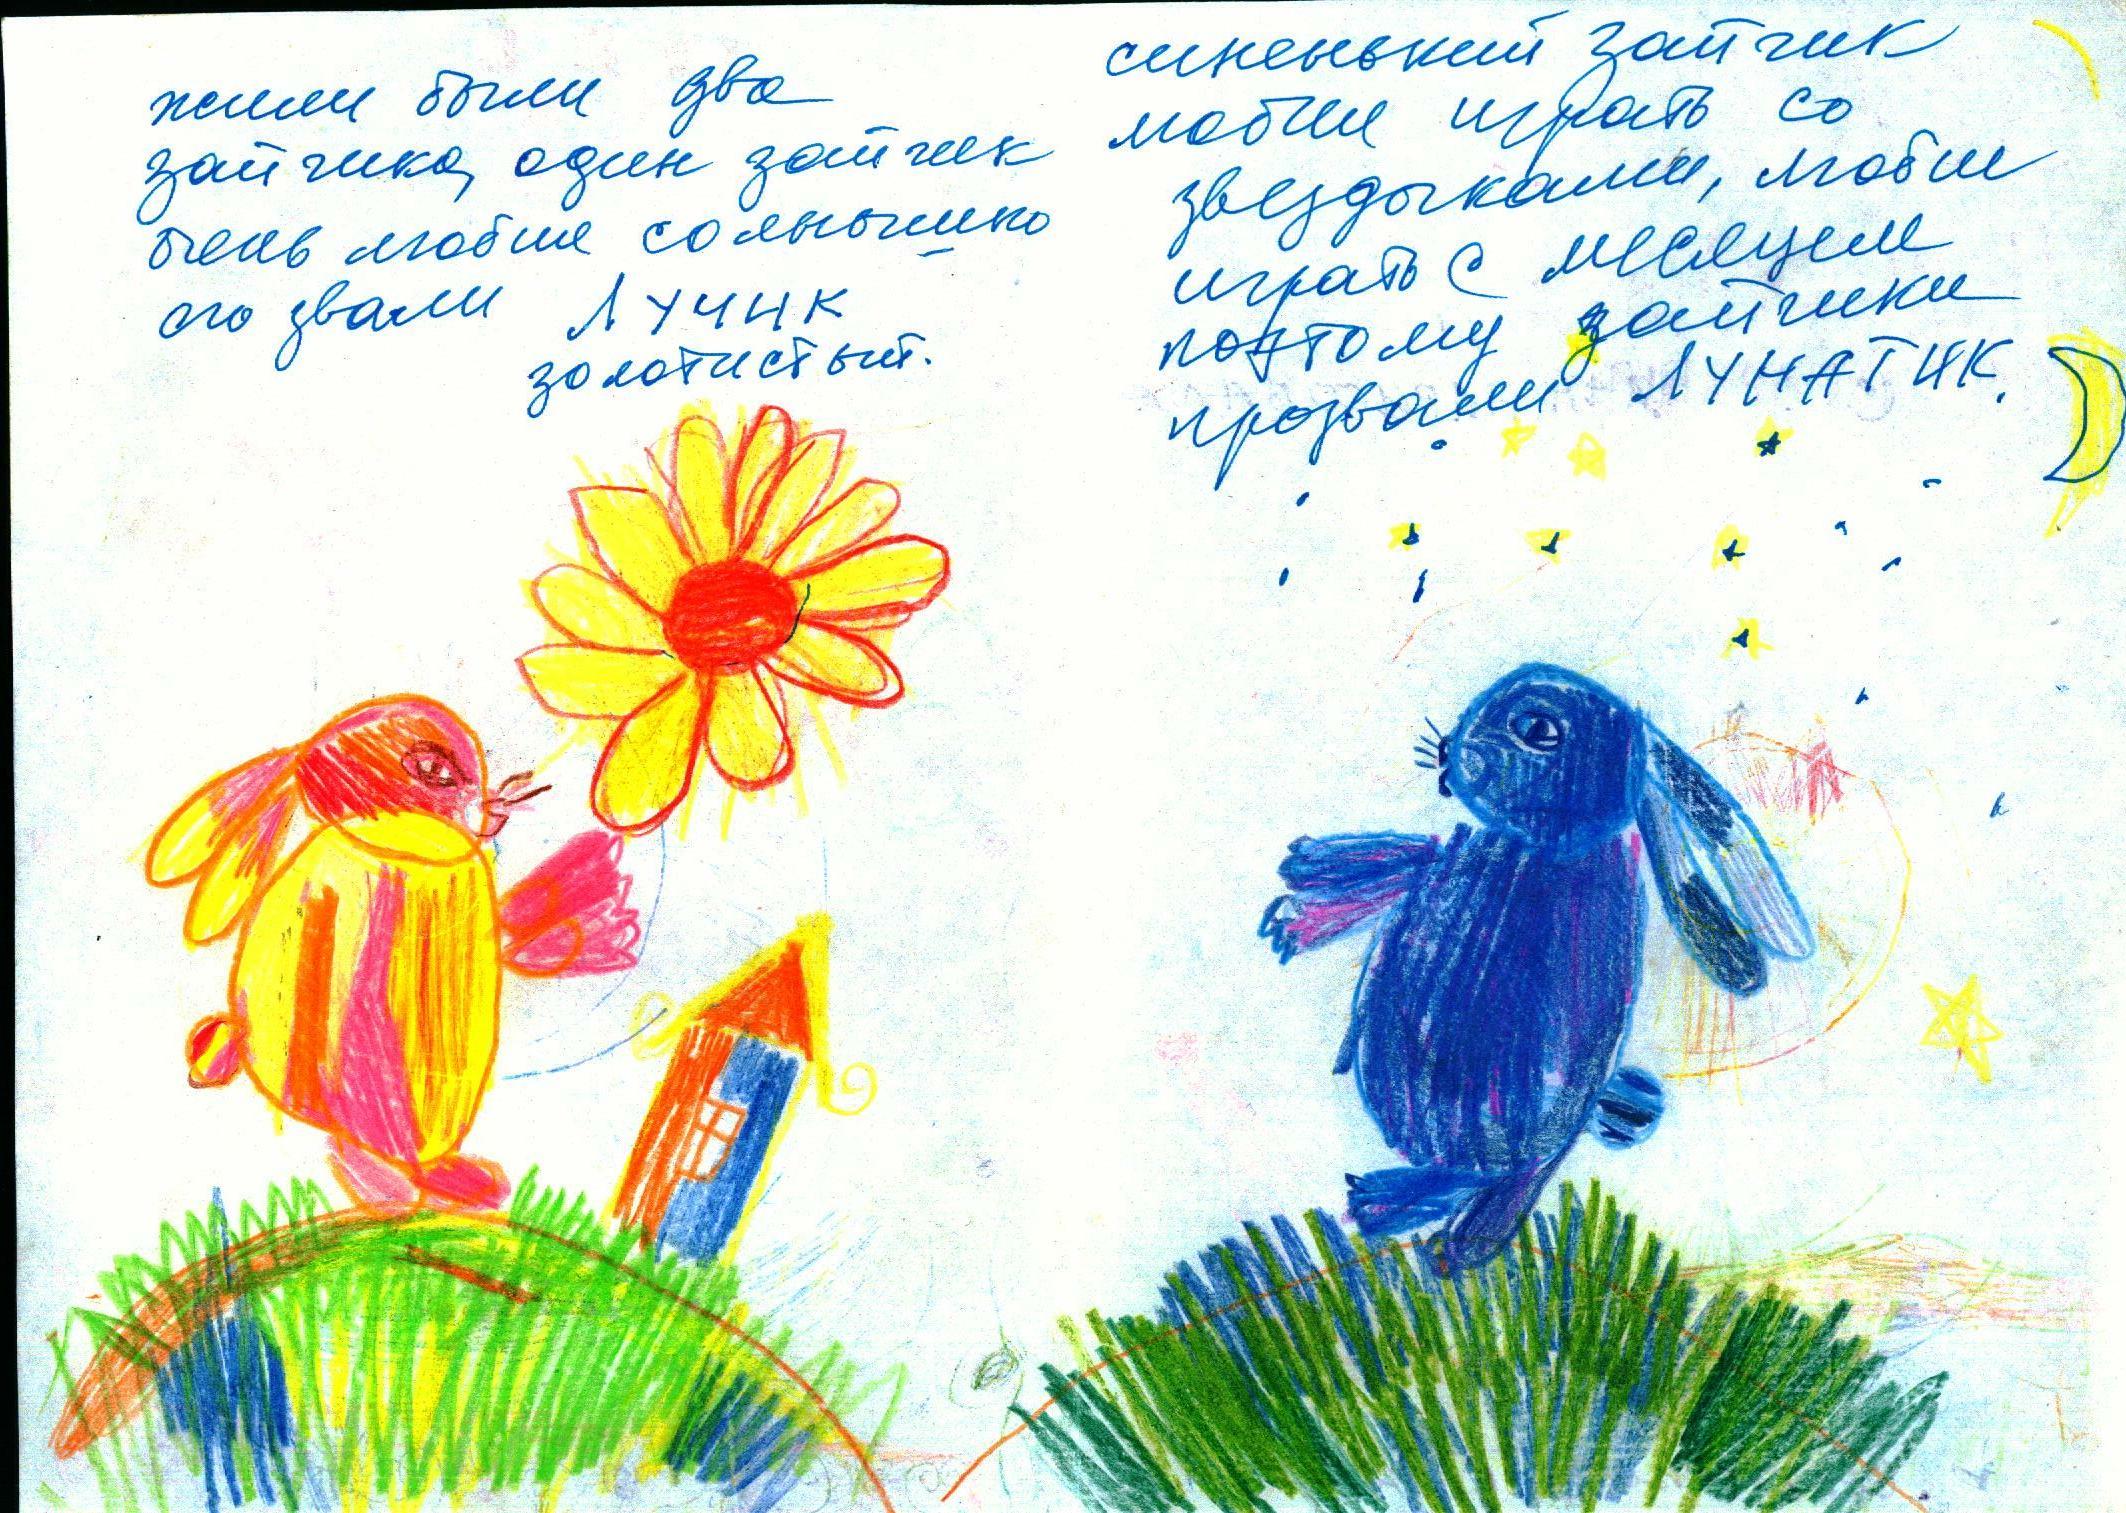 Полиграфическая продукция - одна из форм в работе с одаренными детьми Zajka-1